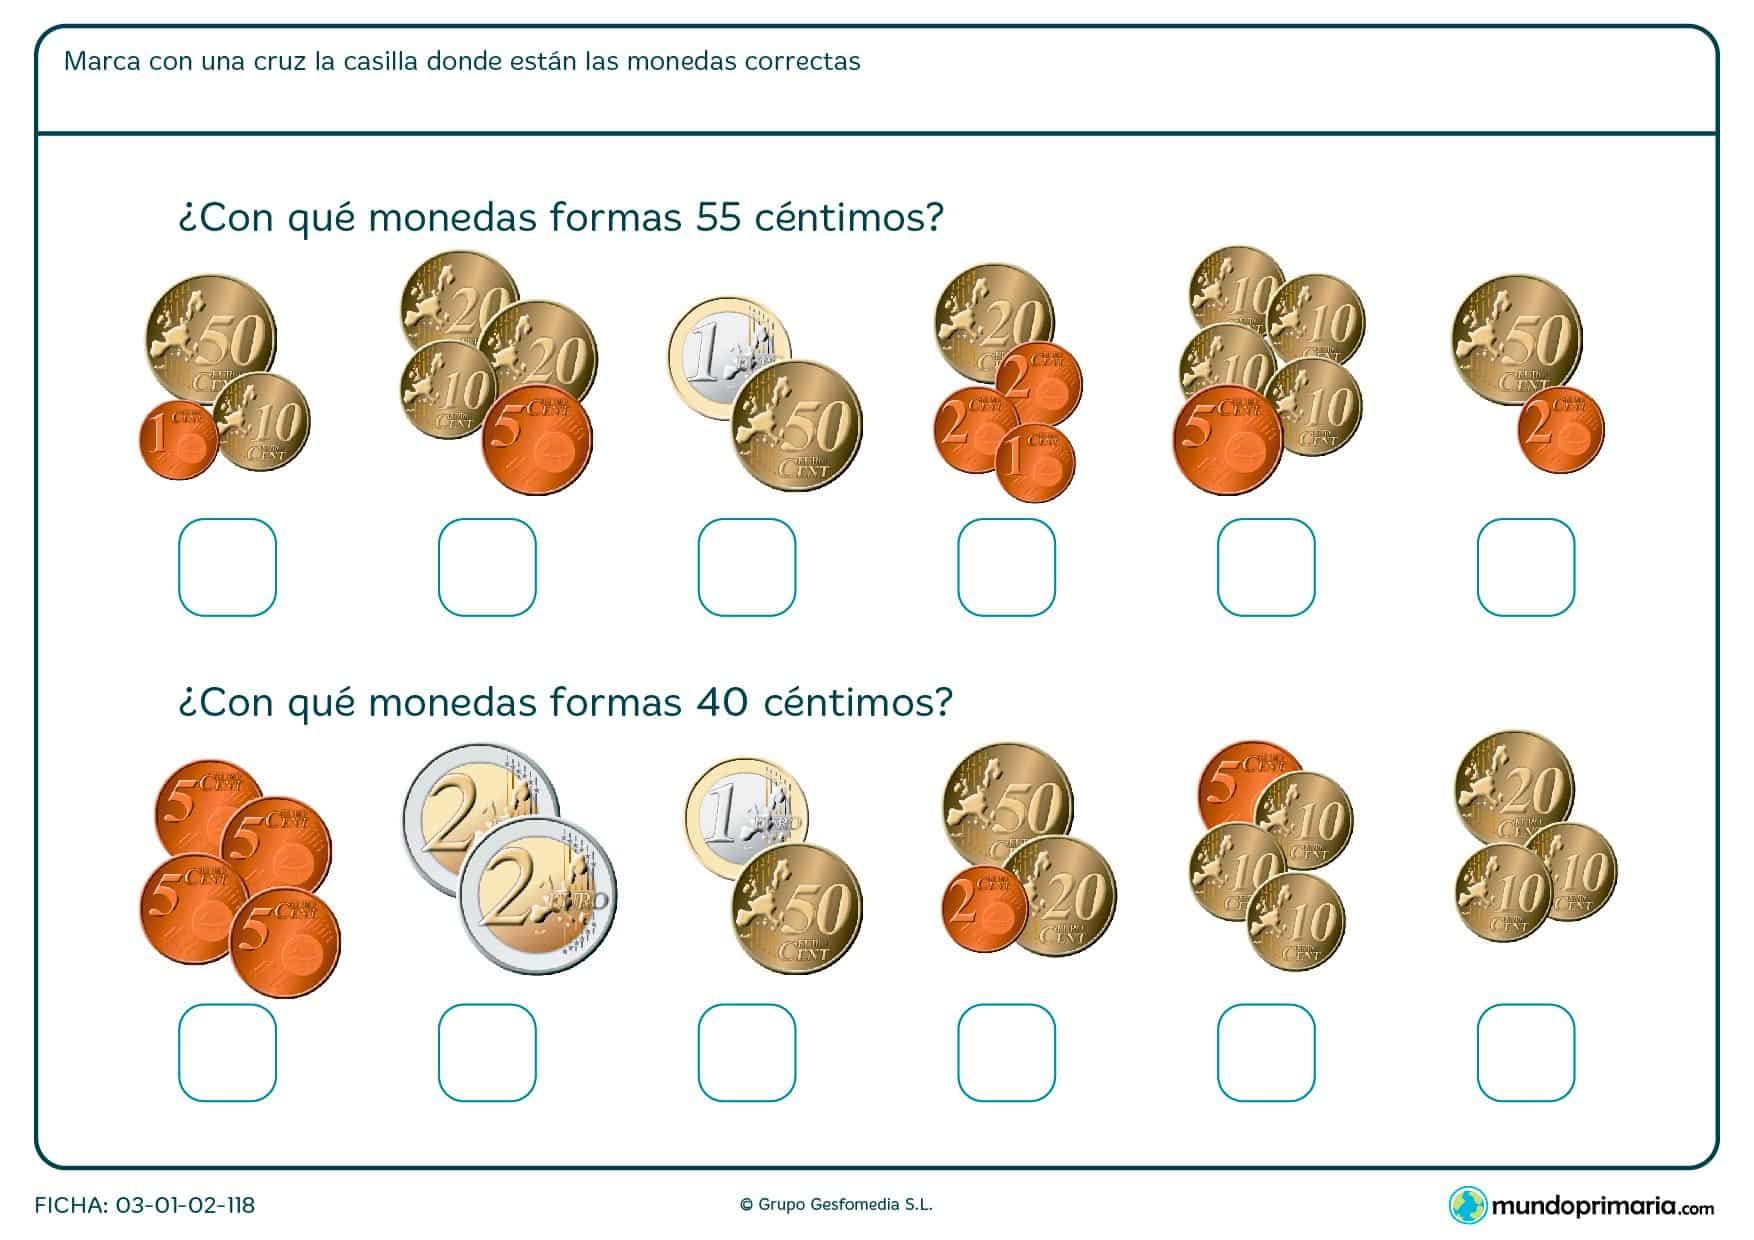 Ficha de sumar céntimos indicando cuál es el grupo que forman 55 céntimos y cuál el de 40 céntimos.